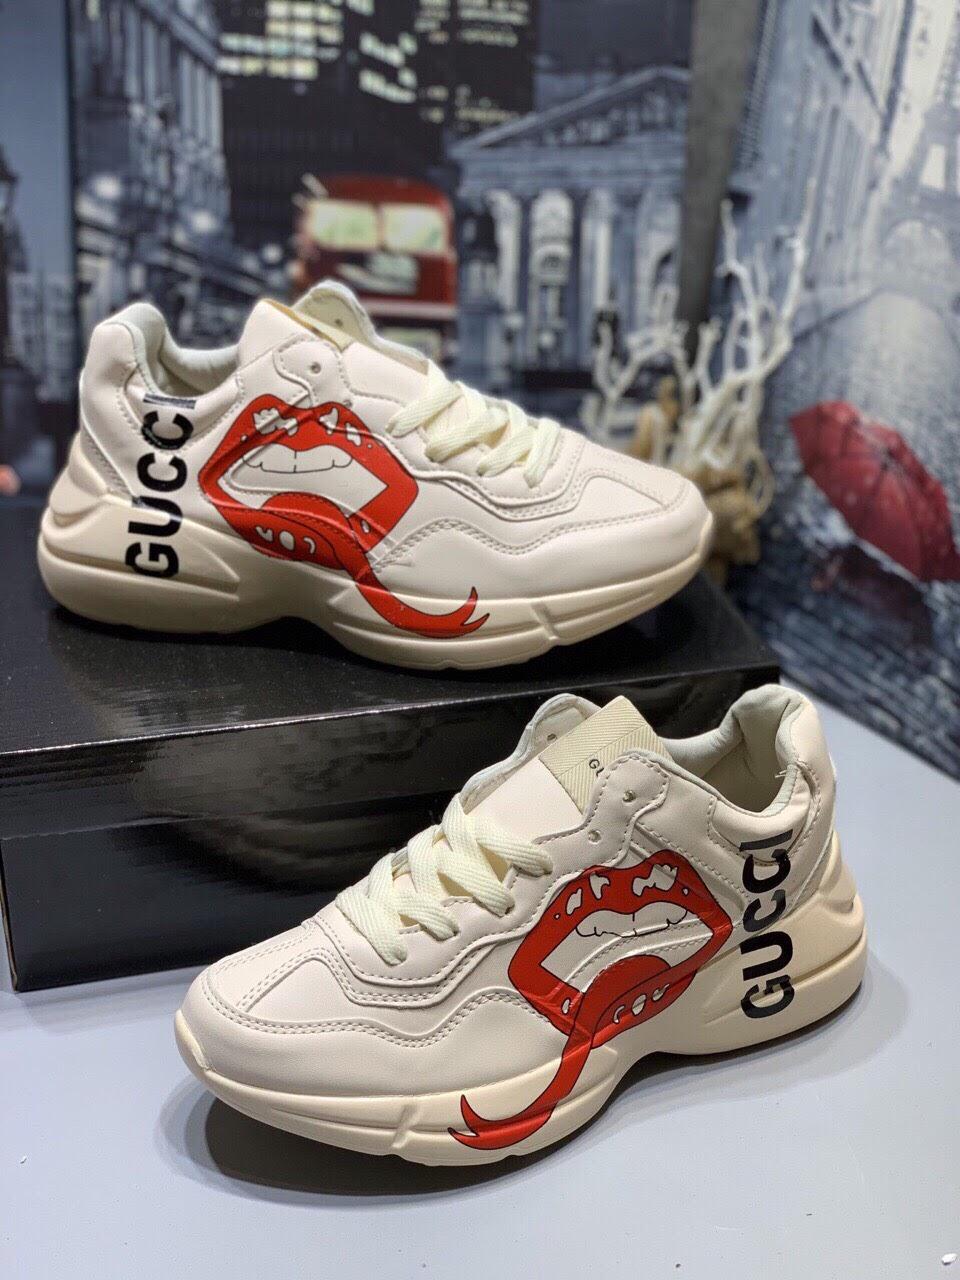 Giày Gucci real hiện nay có mức giá khá đắt đỏ